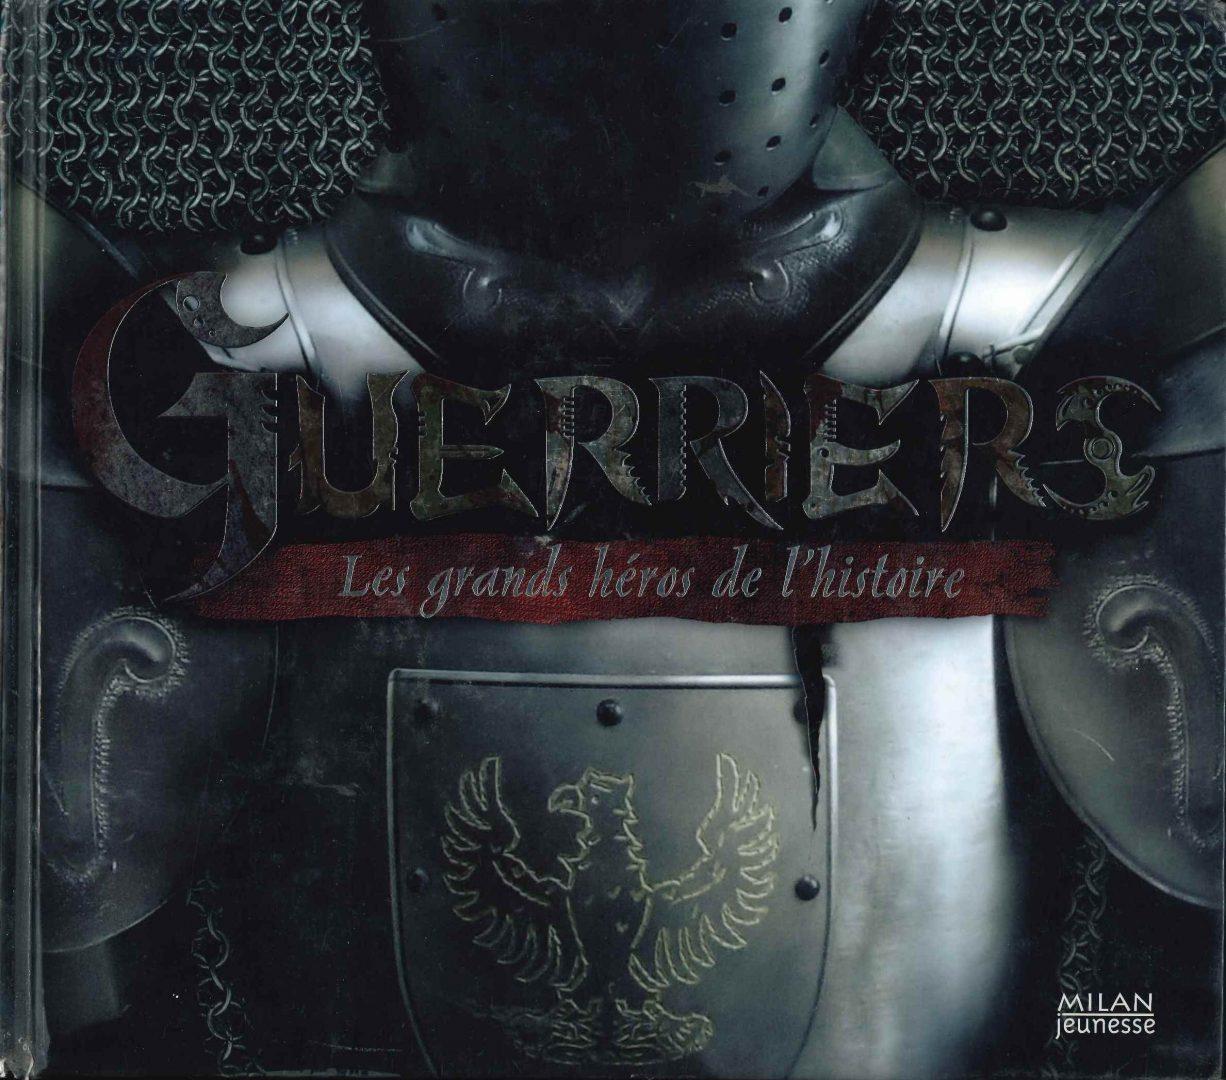 Guerriers : les grands héros de l'histoire (James Harpur)